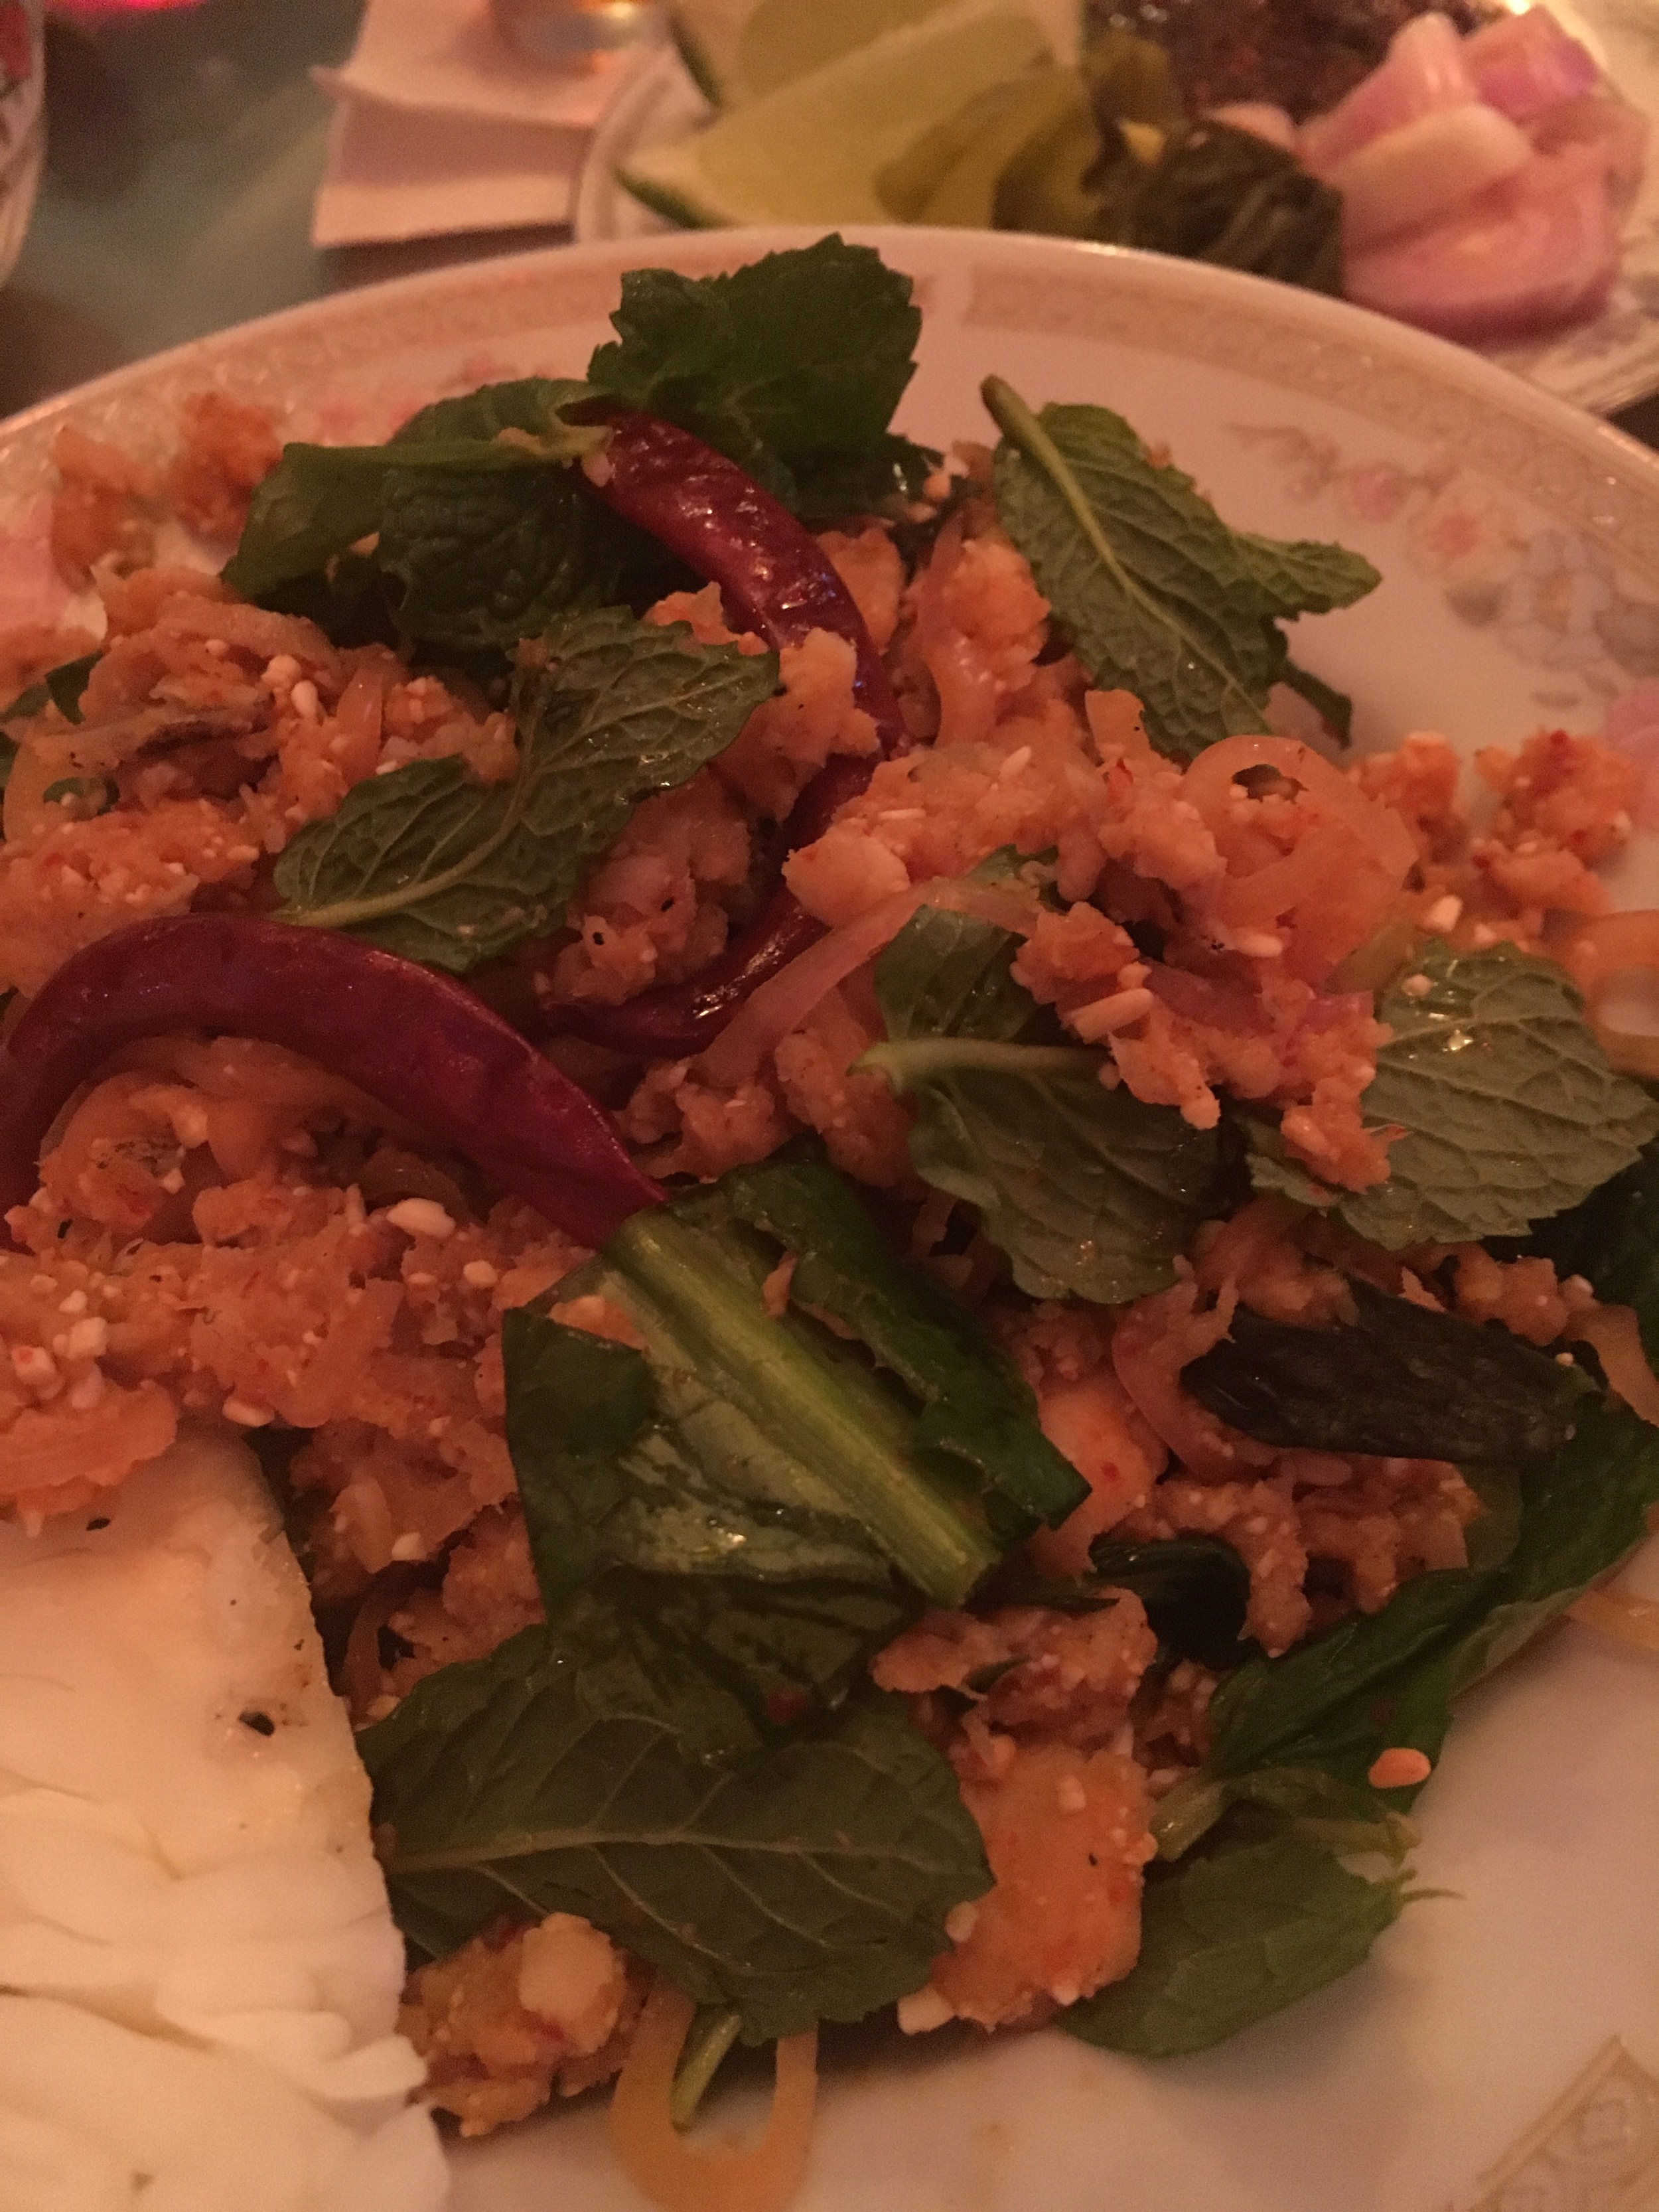 catfish salad - so hot and so good!